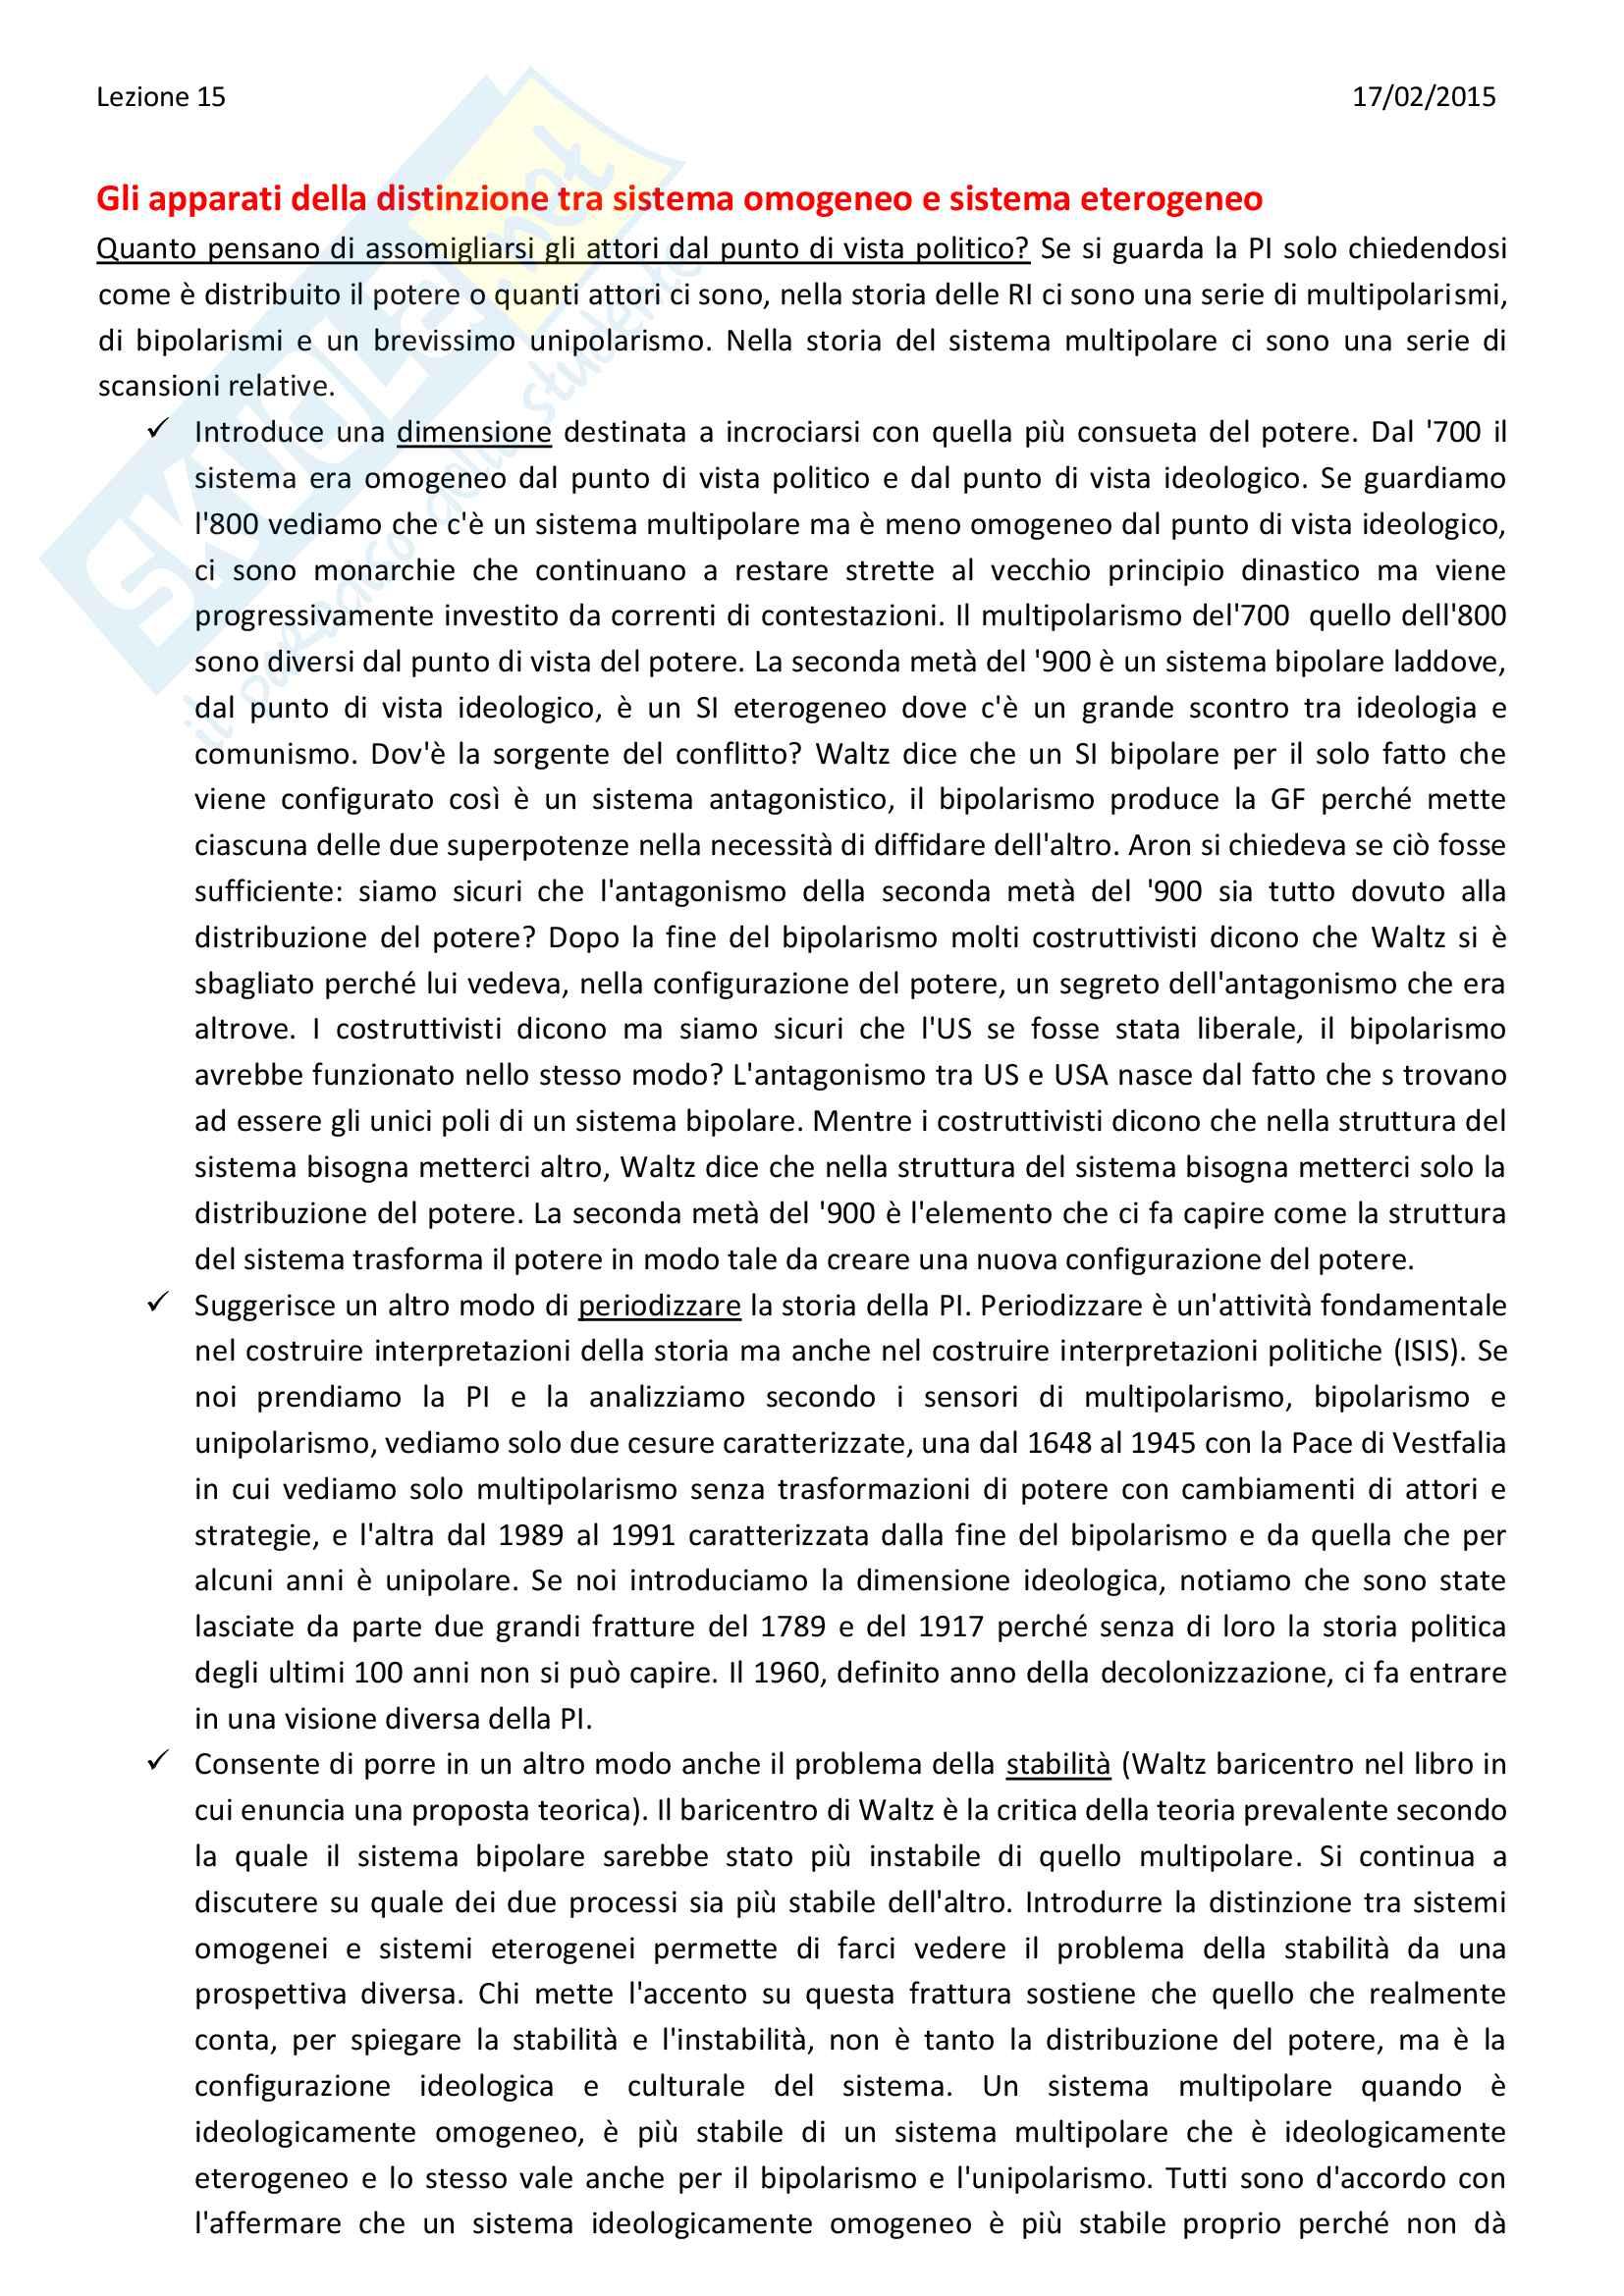 Sunto di Relazioni internazionali, prof. Colombo,UNIMI Pag. 56